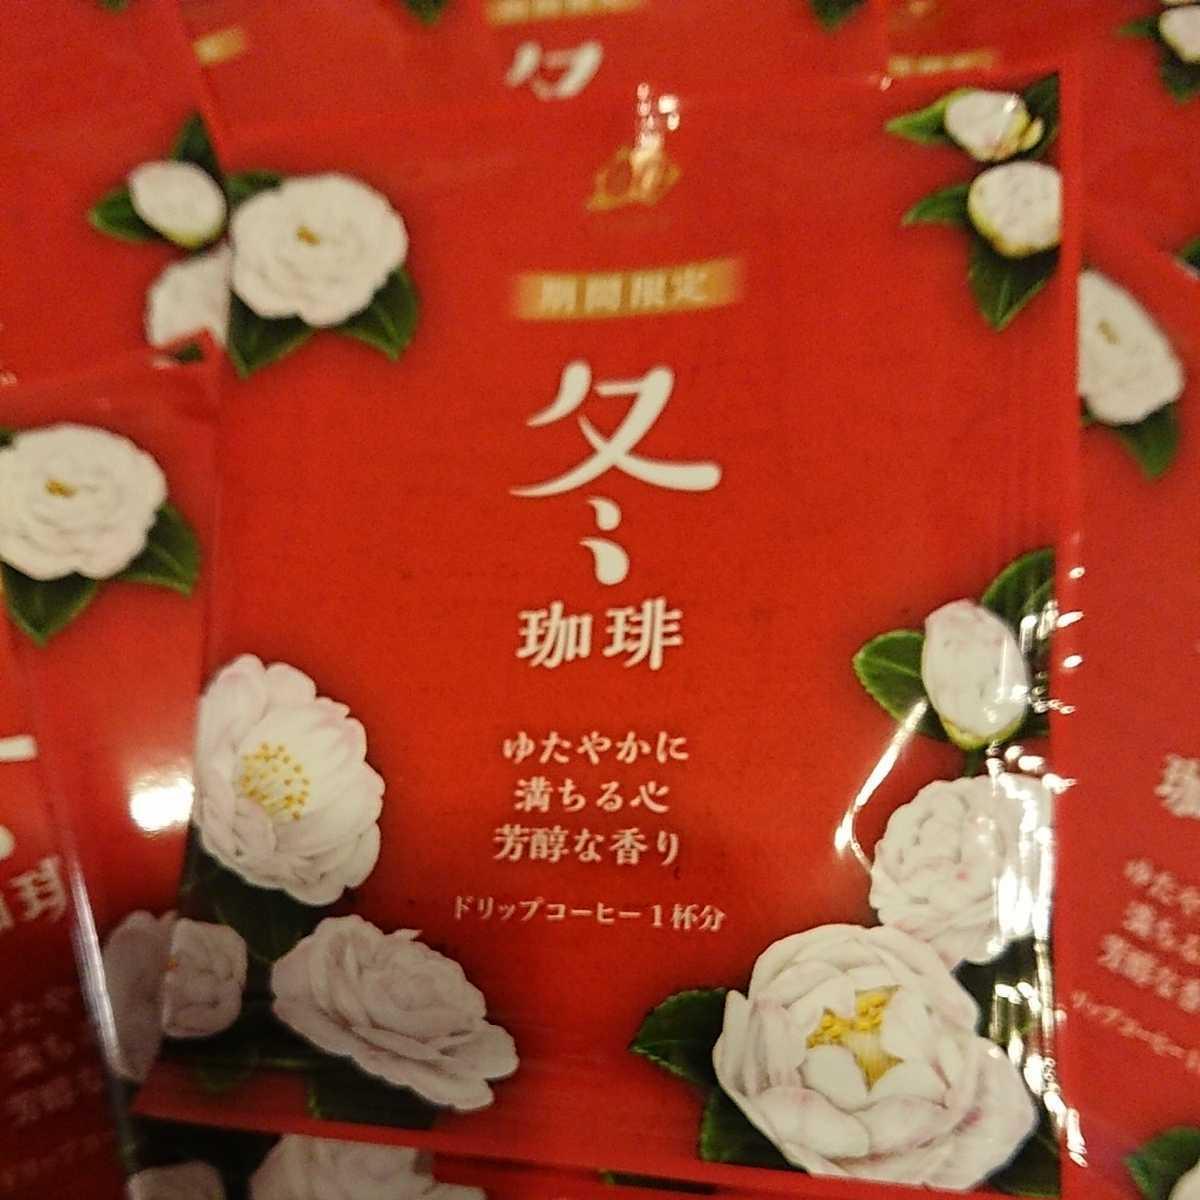 送料無料.*小川珈琲 ドリップコーヒー ・イノダコーヒー インスタントコーヒー飲み比べ_画像5